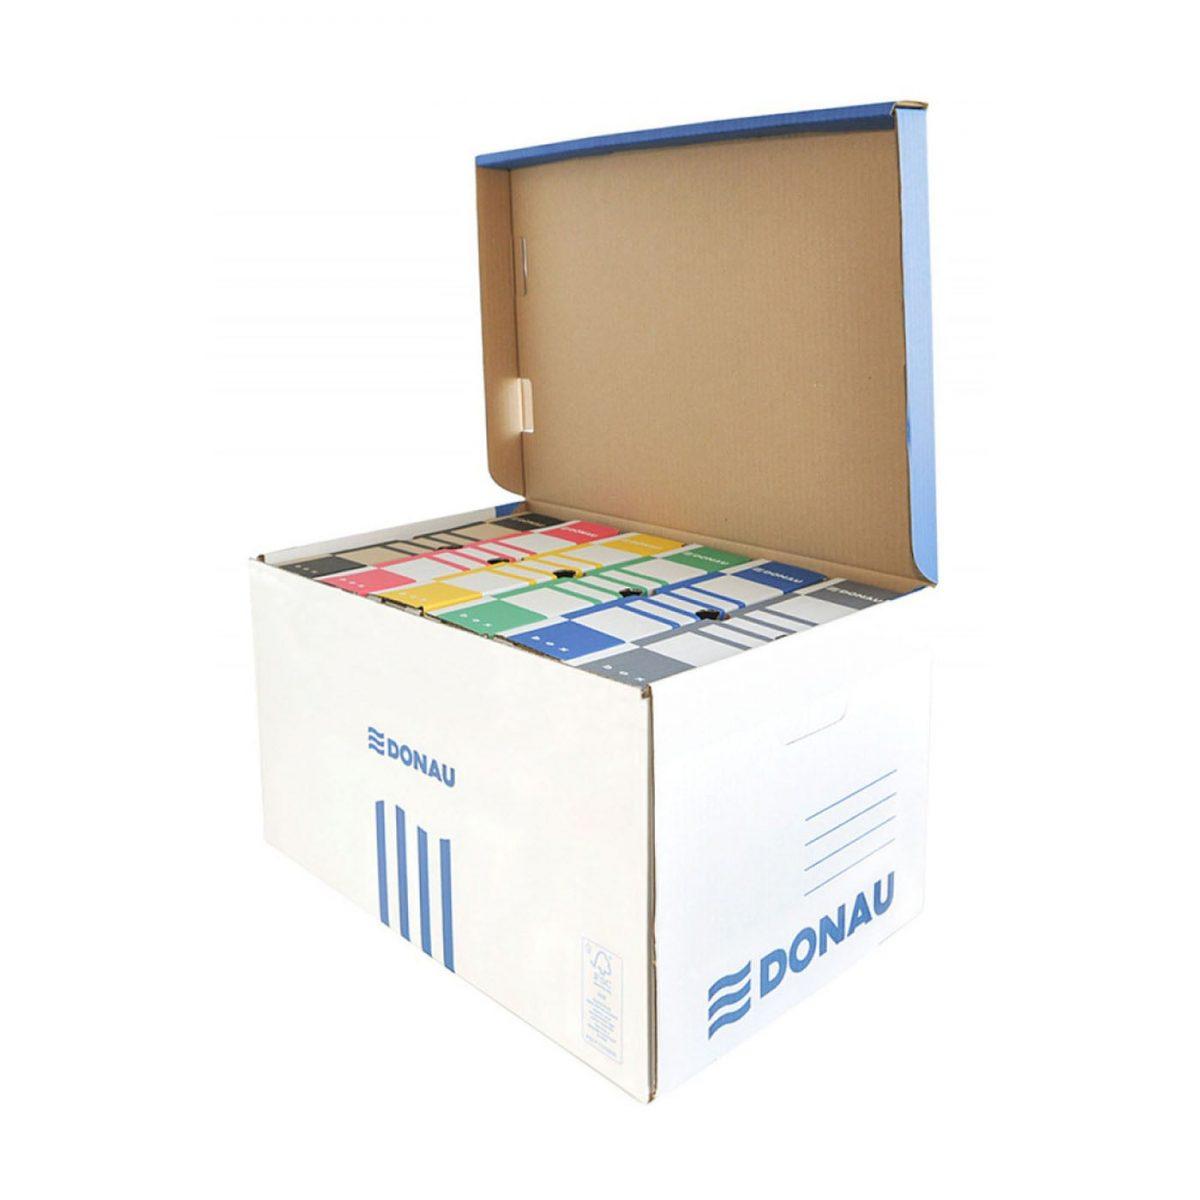 Container arhivare deschidere superioara DONAU